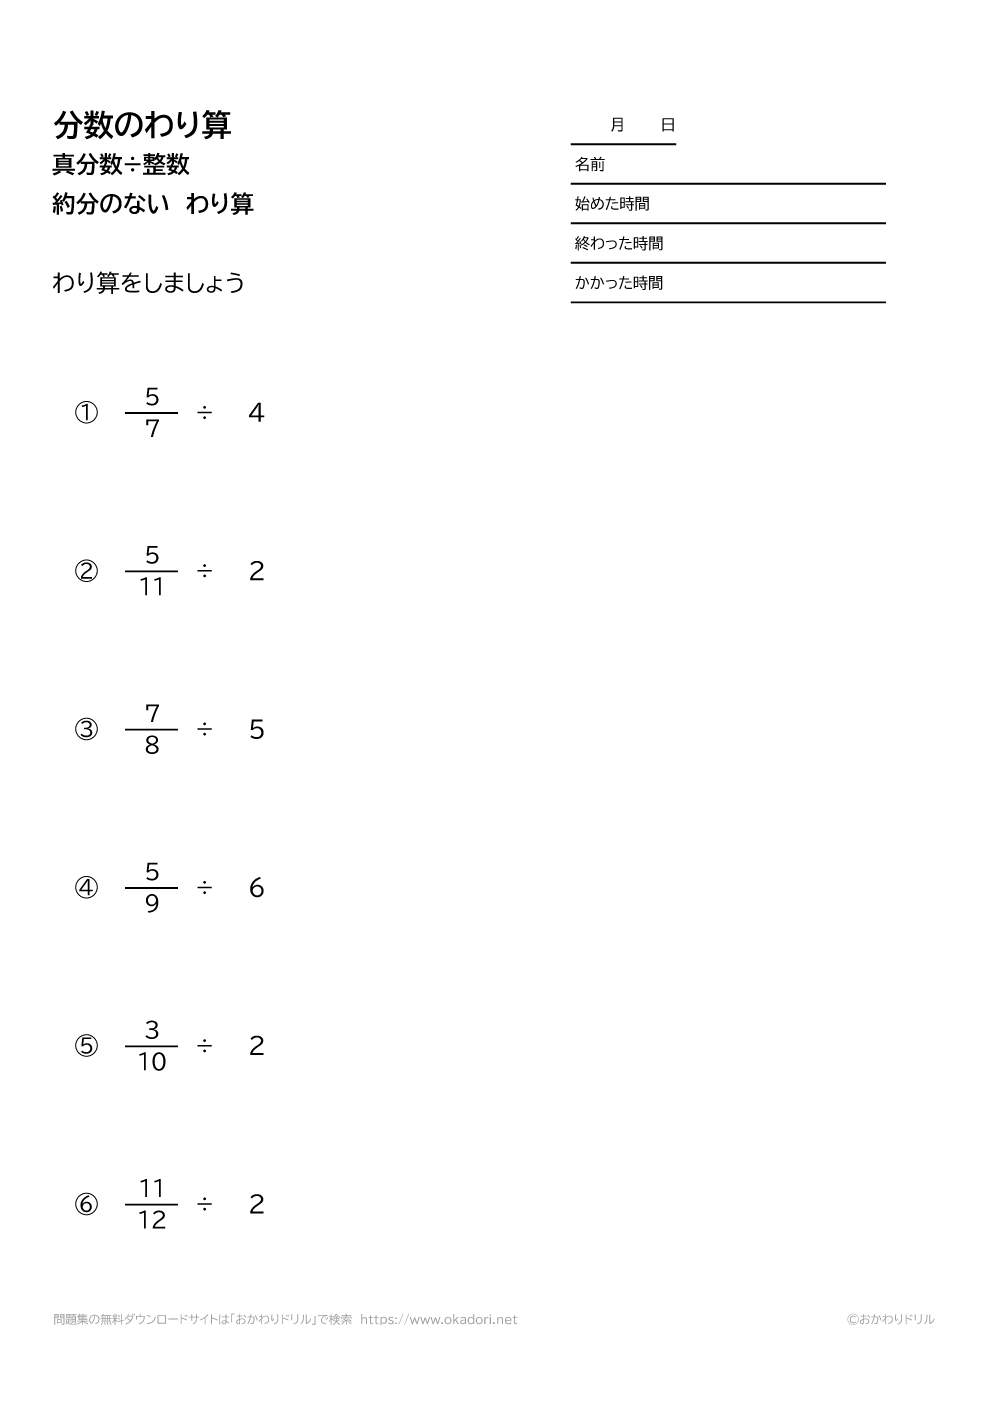 真分数÷整数の約分の無い割り算2